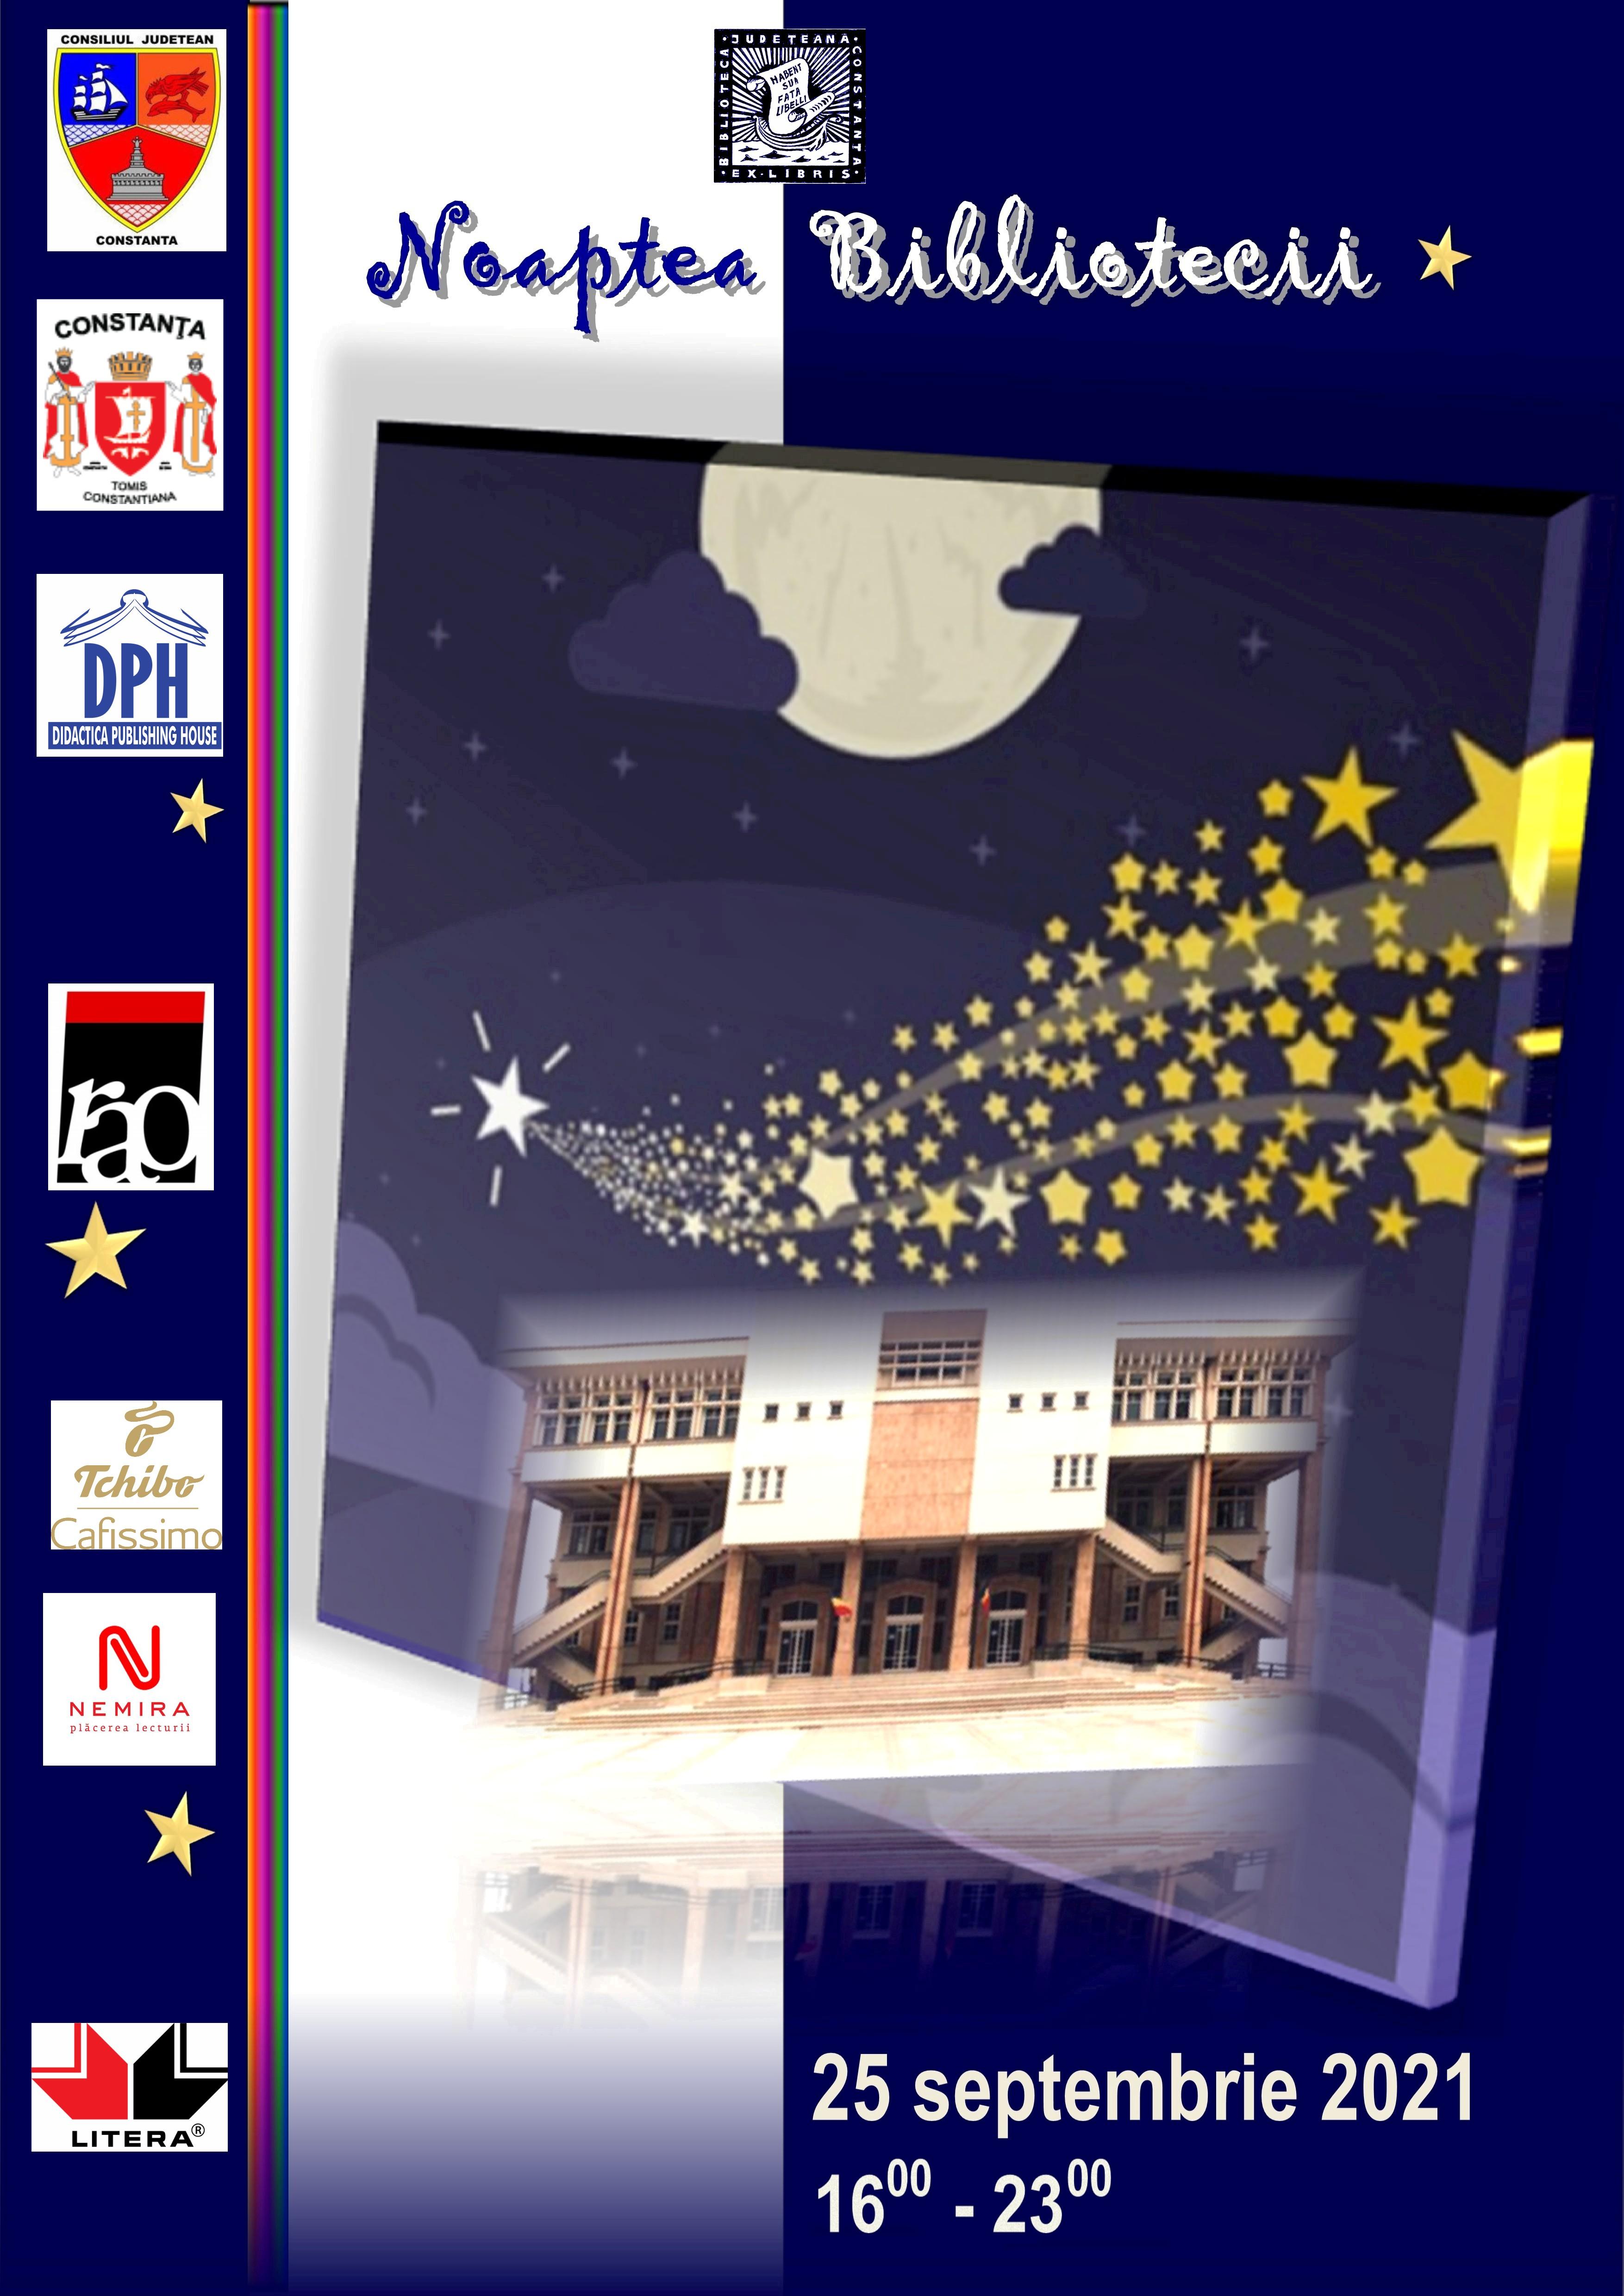 Noaptea Bibliotecii  - 25 septembrie 2021